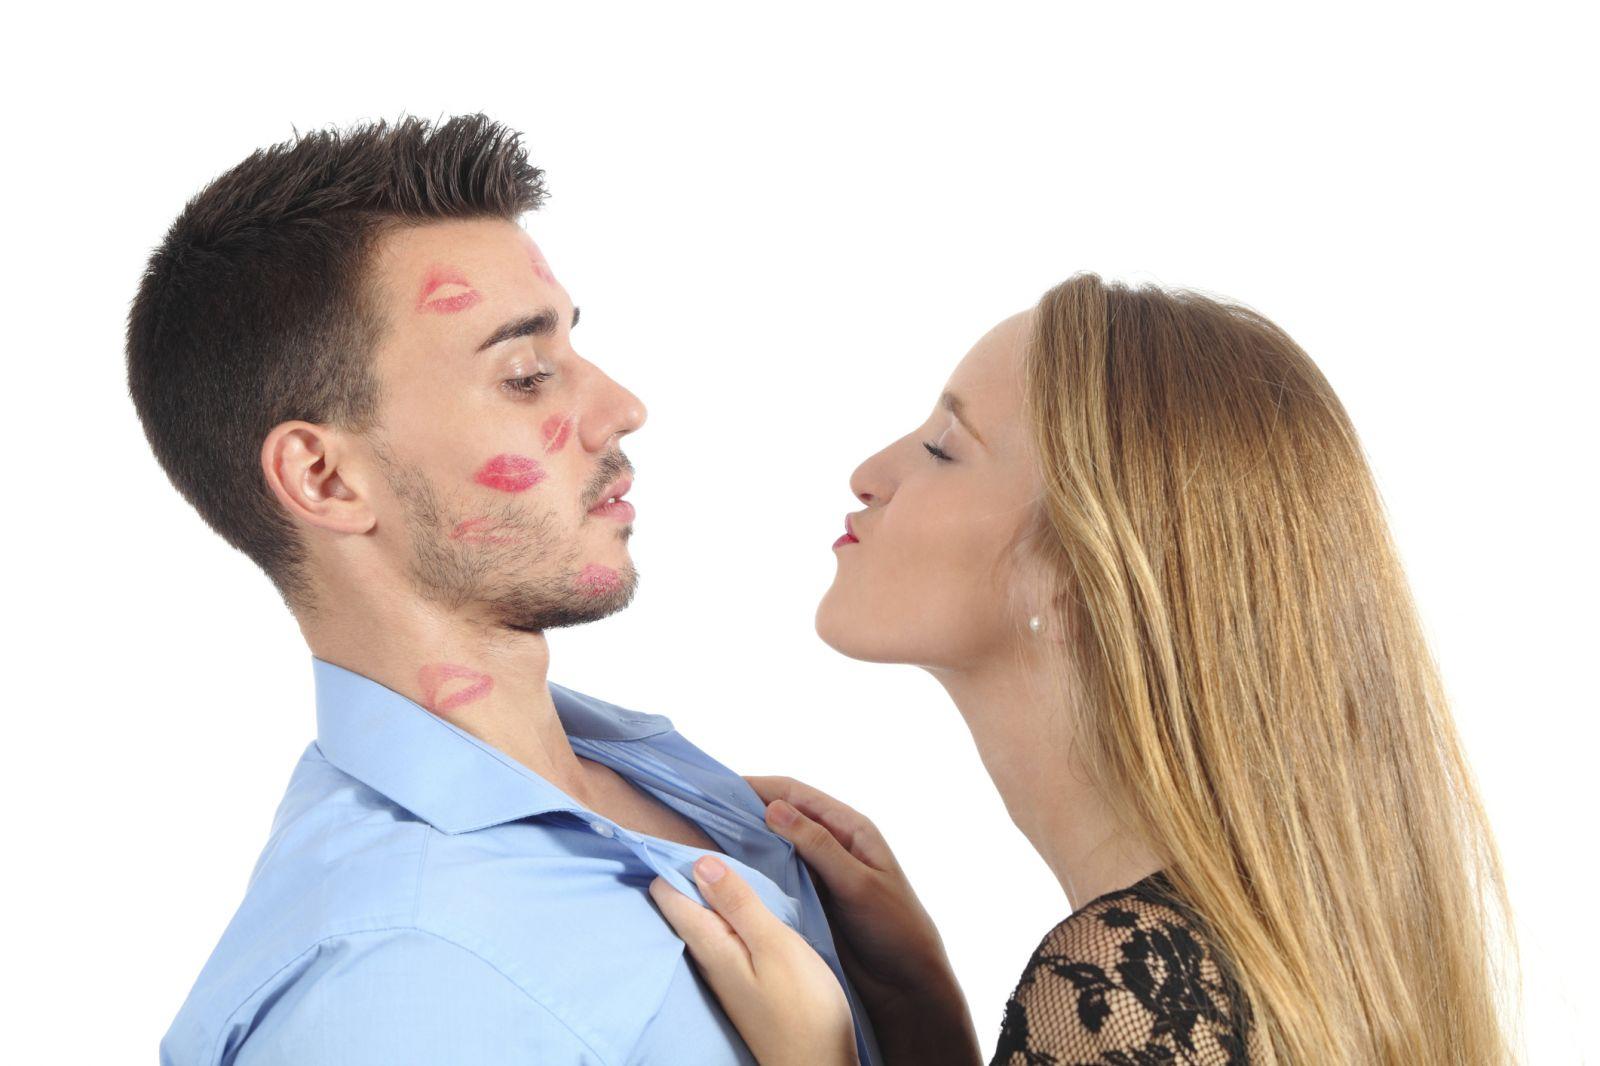 لماذا يخون الرجال المتزوجون ؟